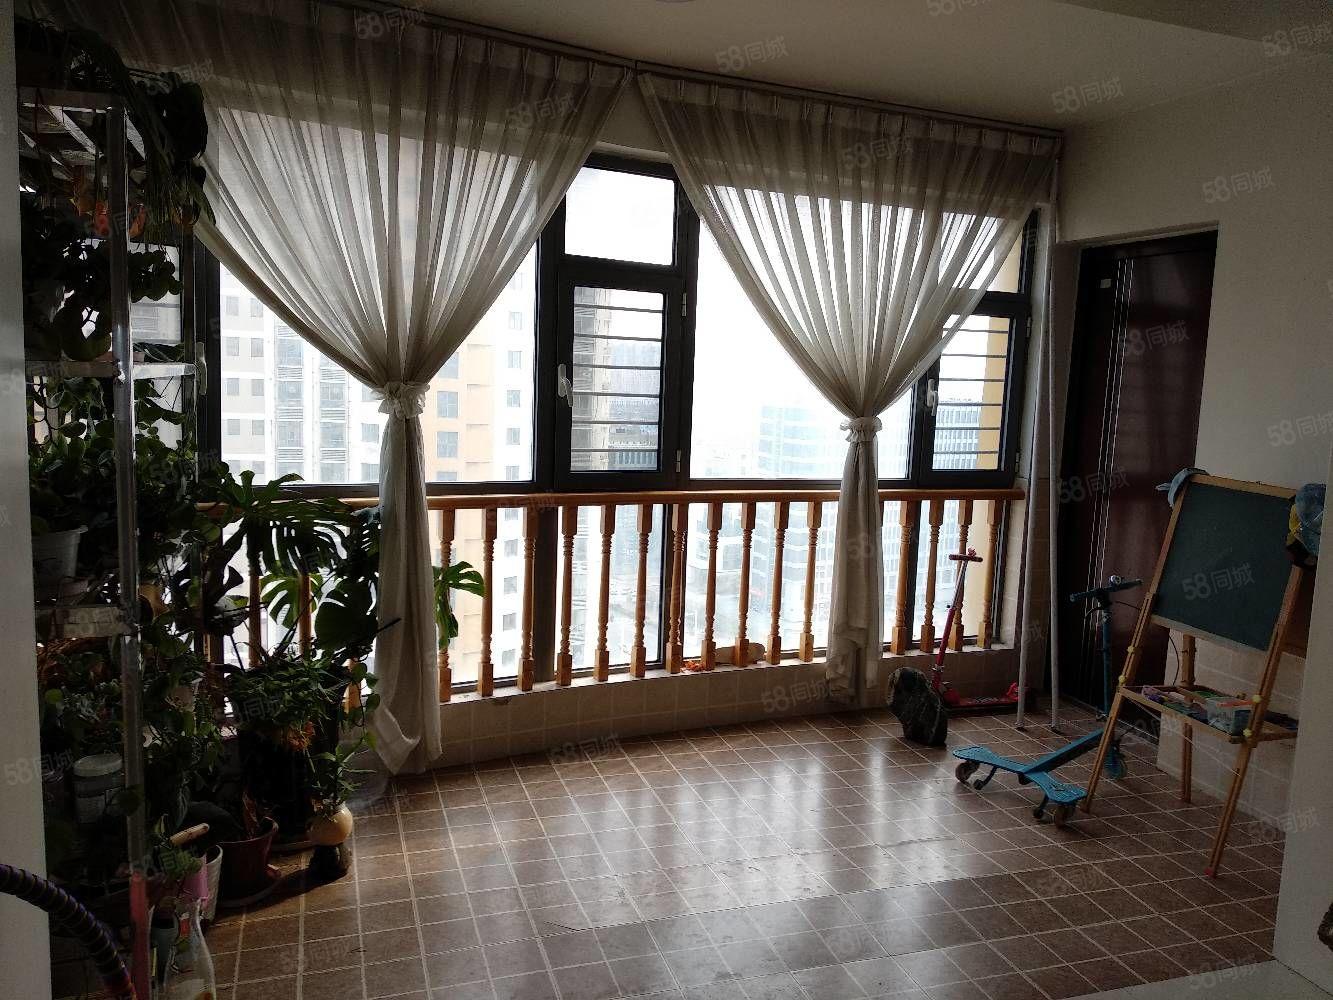 新出东方花苑精装房源,4室两厅两位203平双气楼层观景房